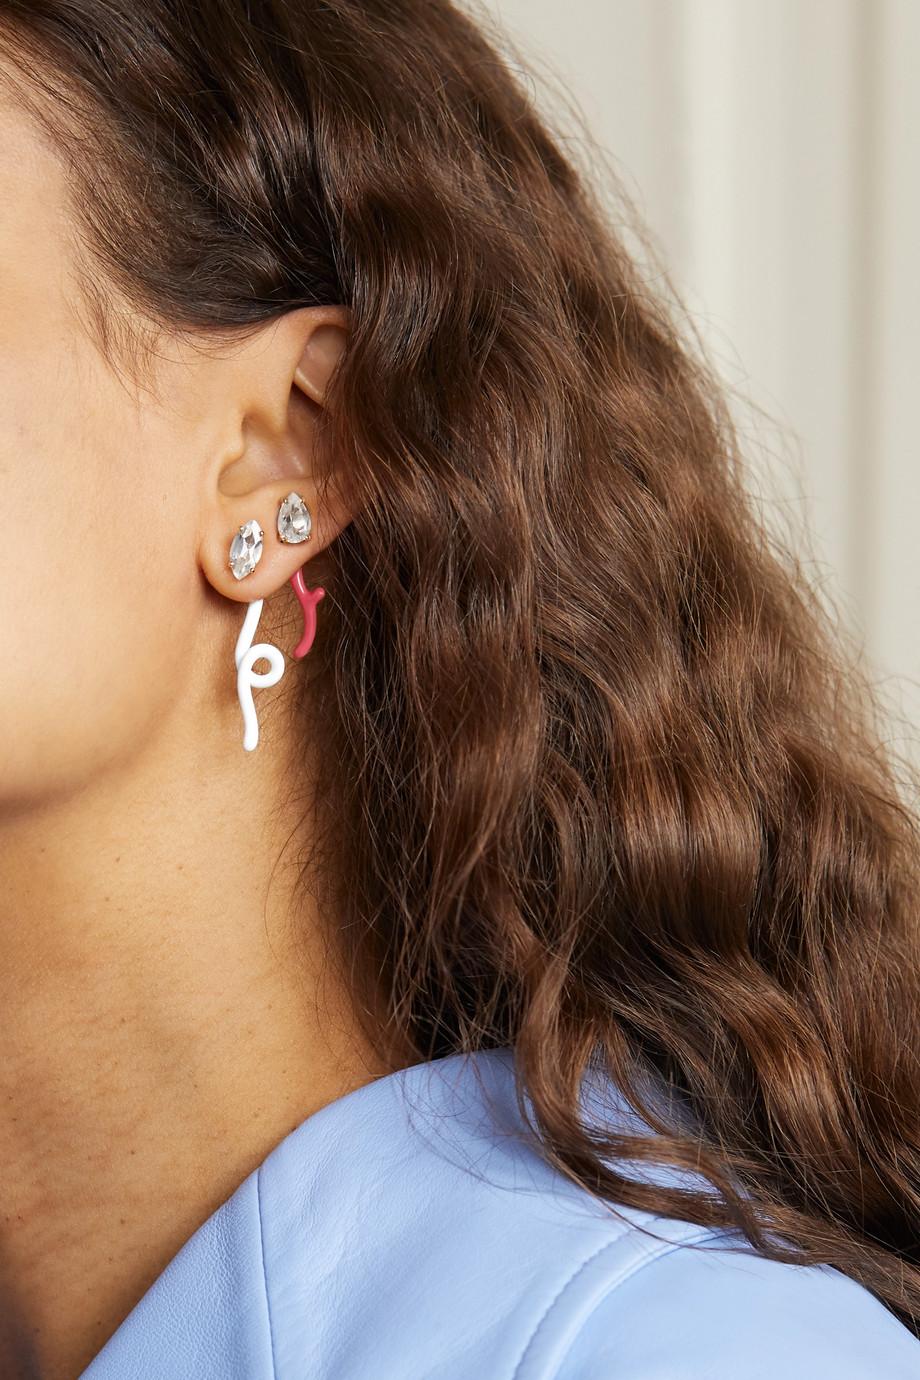 Bea Bongiasca Groovy 9-karat gold, enamel and rock crystal earring